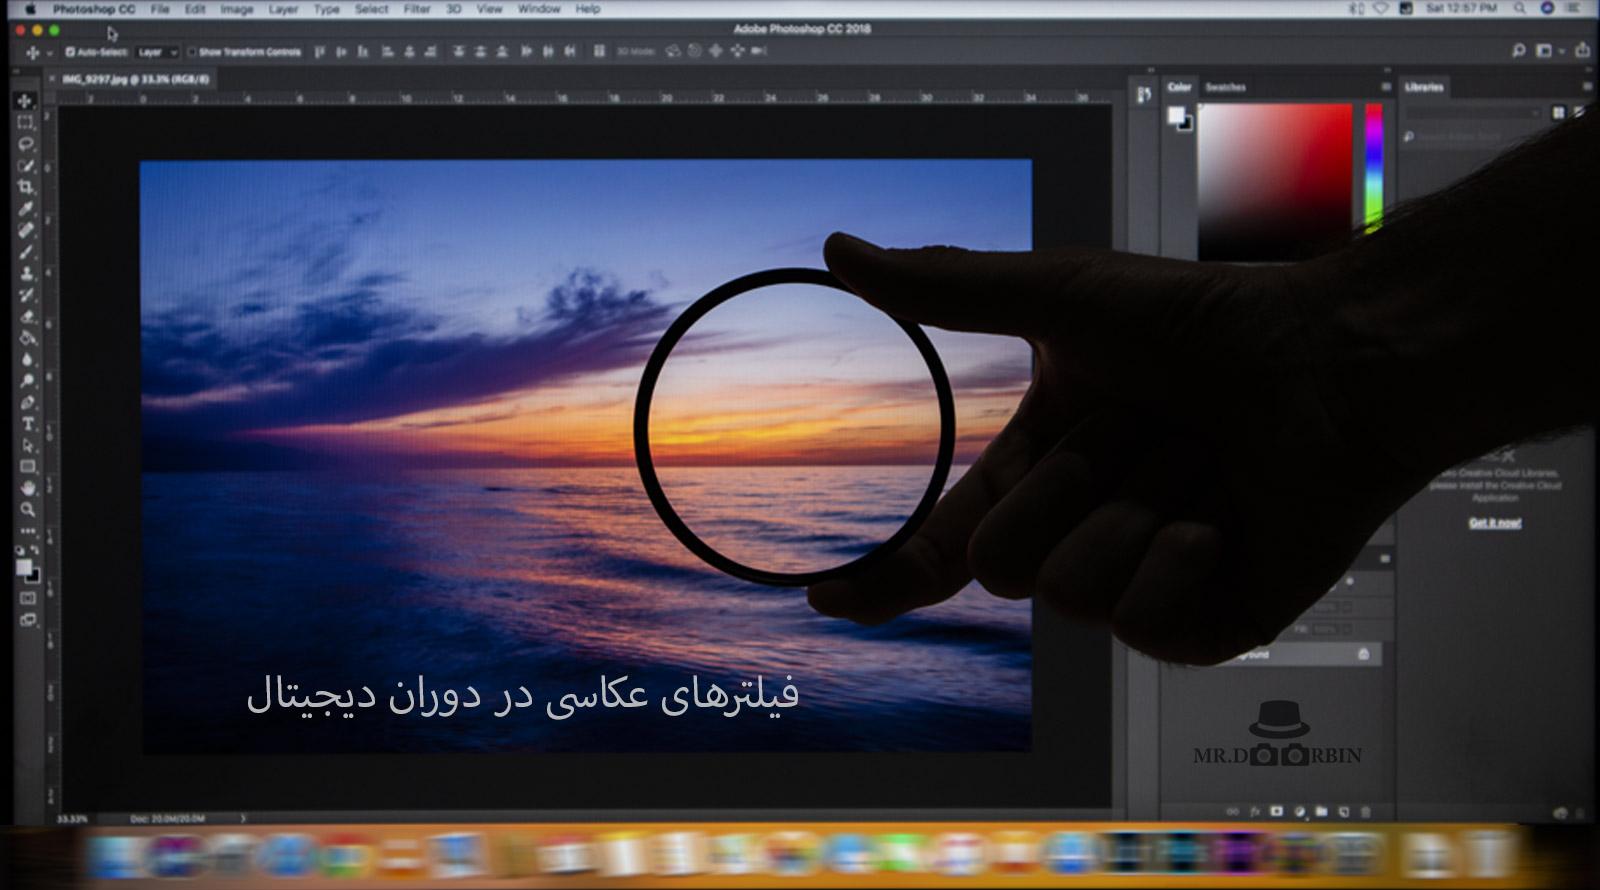 چرا در عصر دیجیتال از فیلتر عکاسی استفاده میکنیم؟